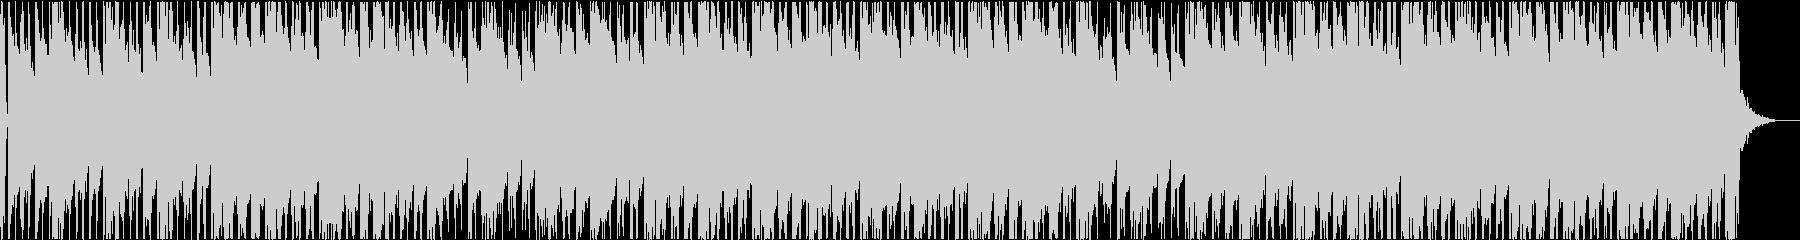 エレピとヒップホップビートのオシャレ曲の未再生の波形